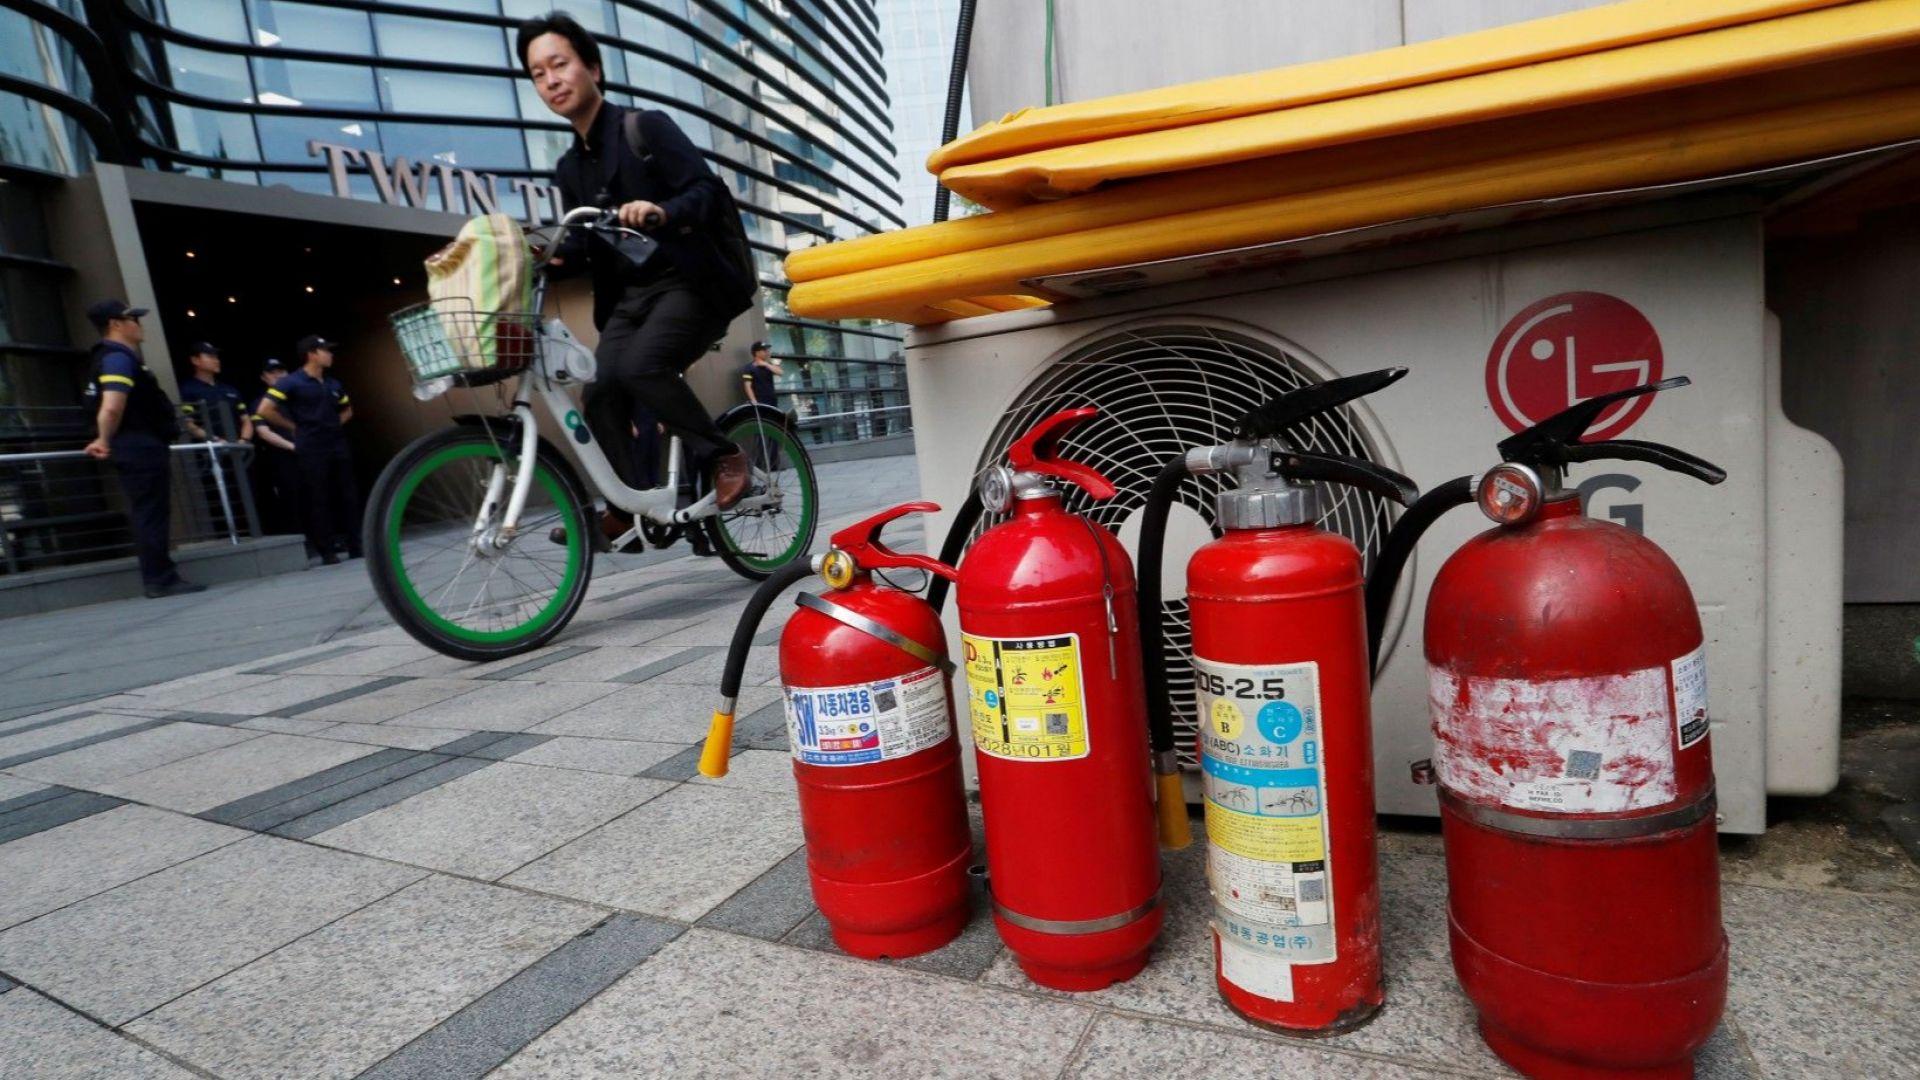 Възрастен мъж се самозапали пред японското посолство в Южна Корея